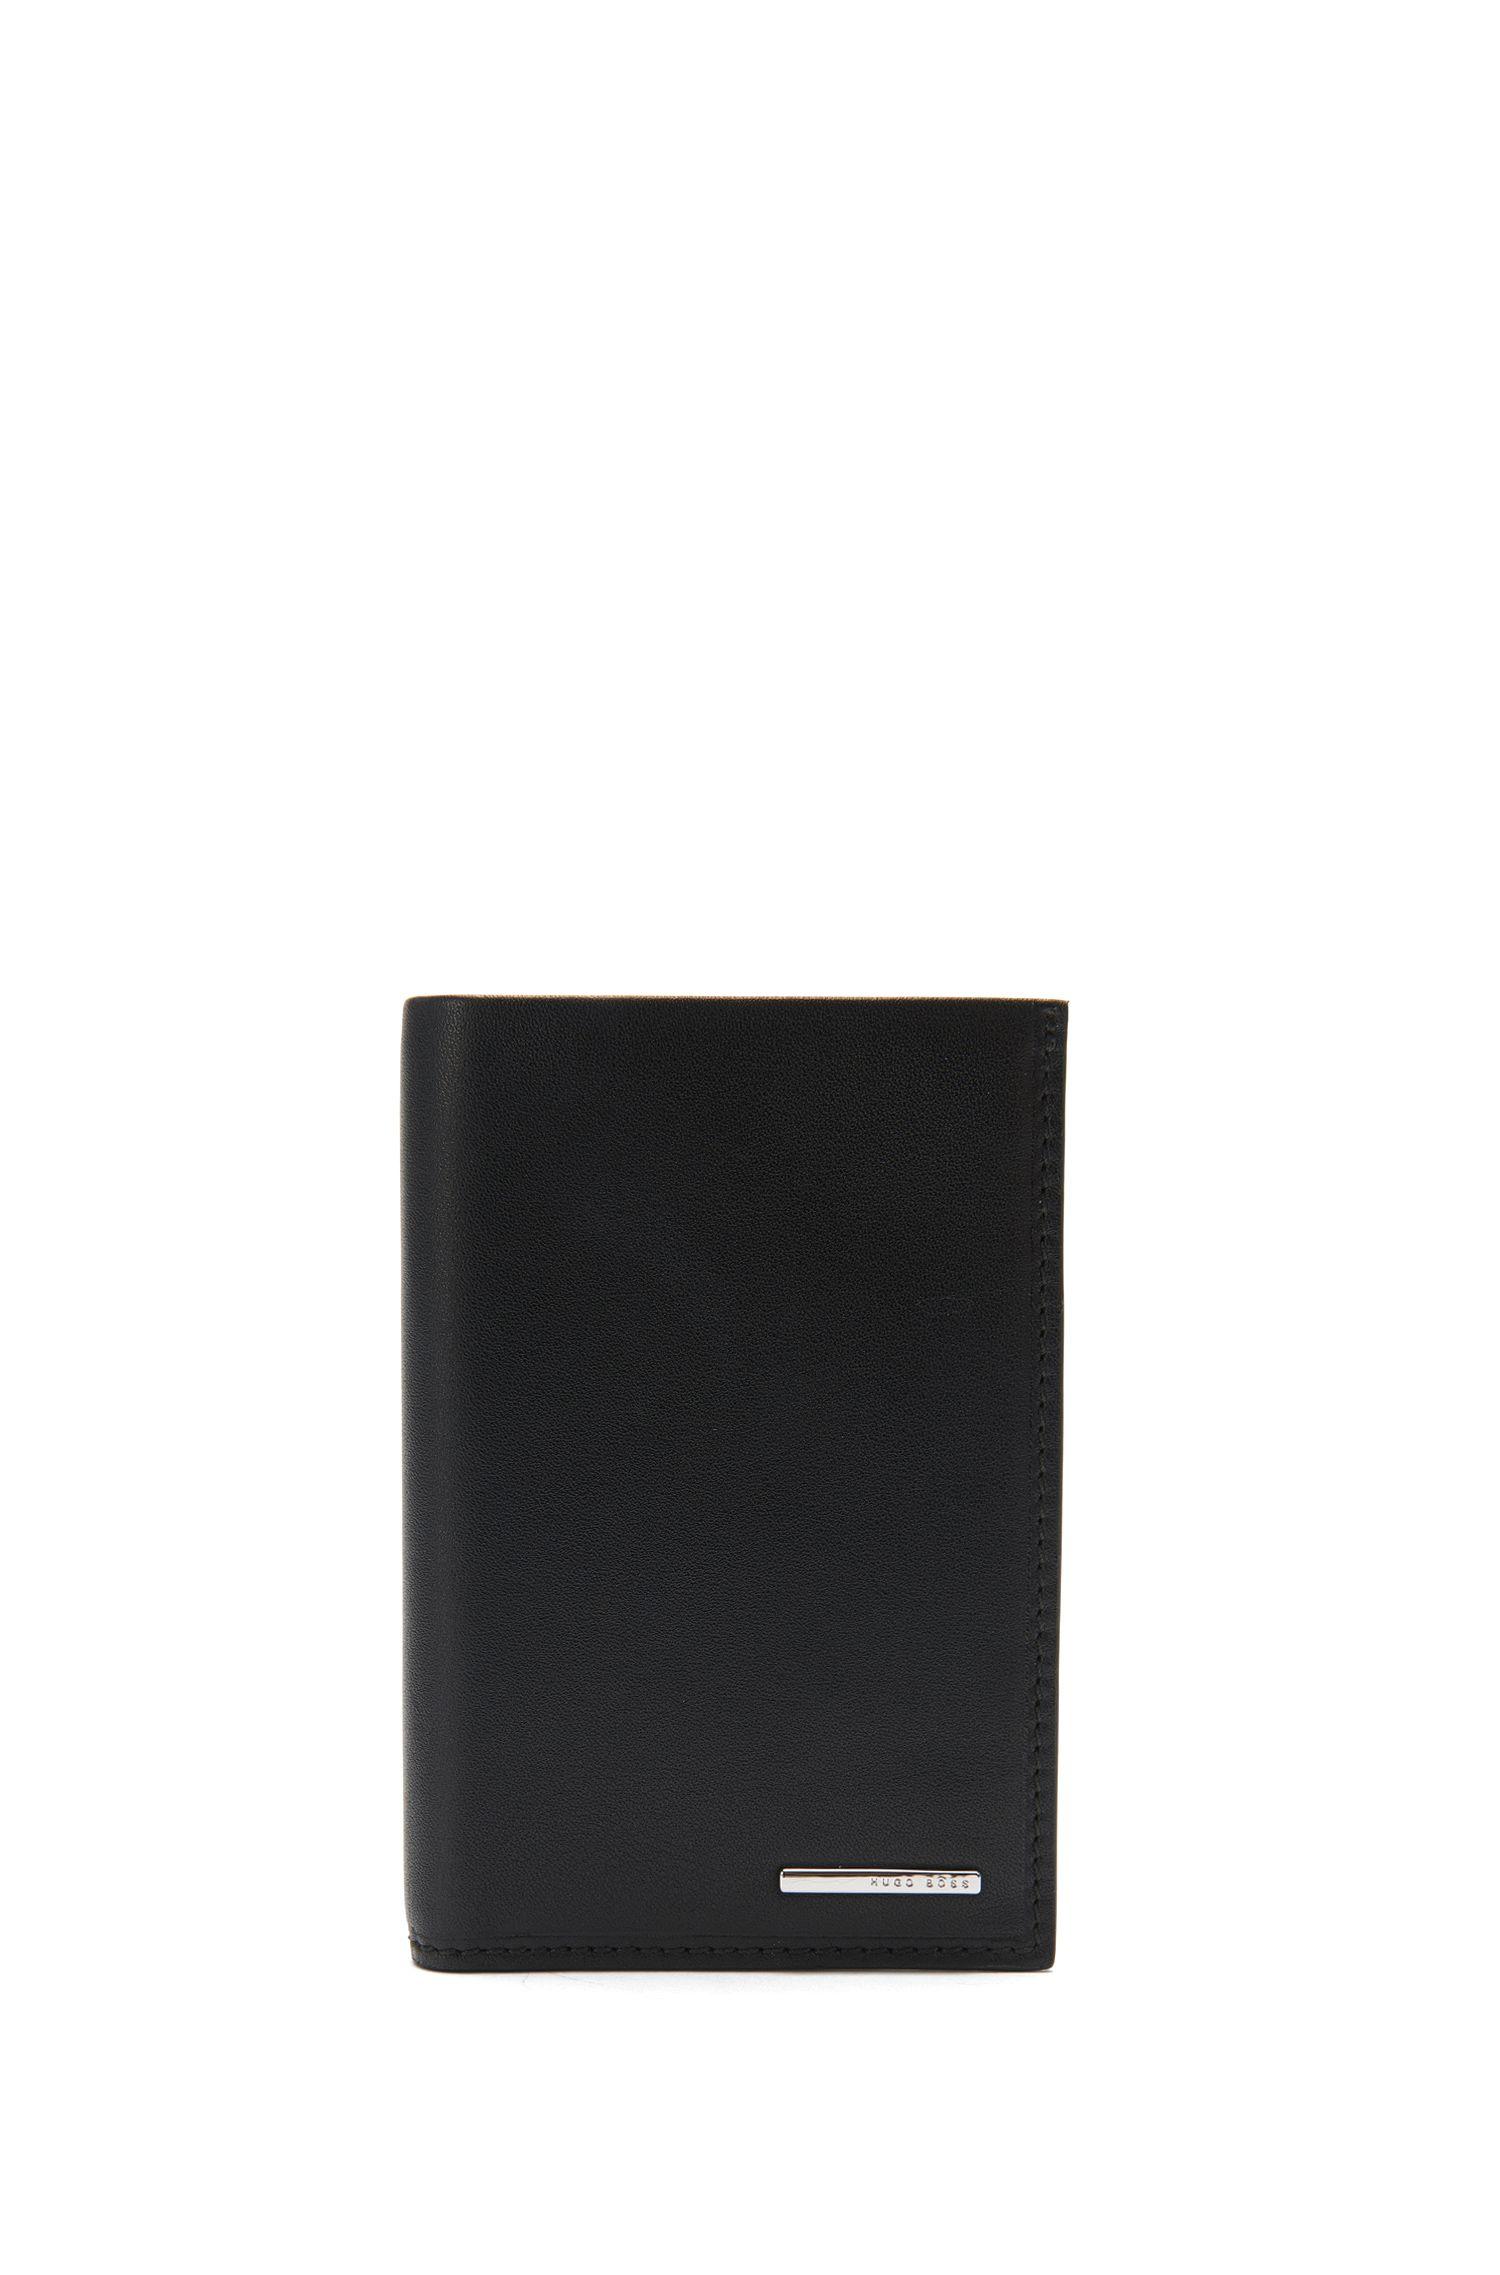 Klapp-Geldbörse aus natürlich genarbtem Leder